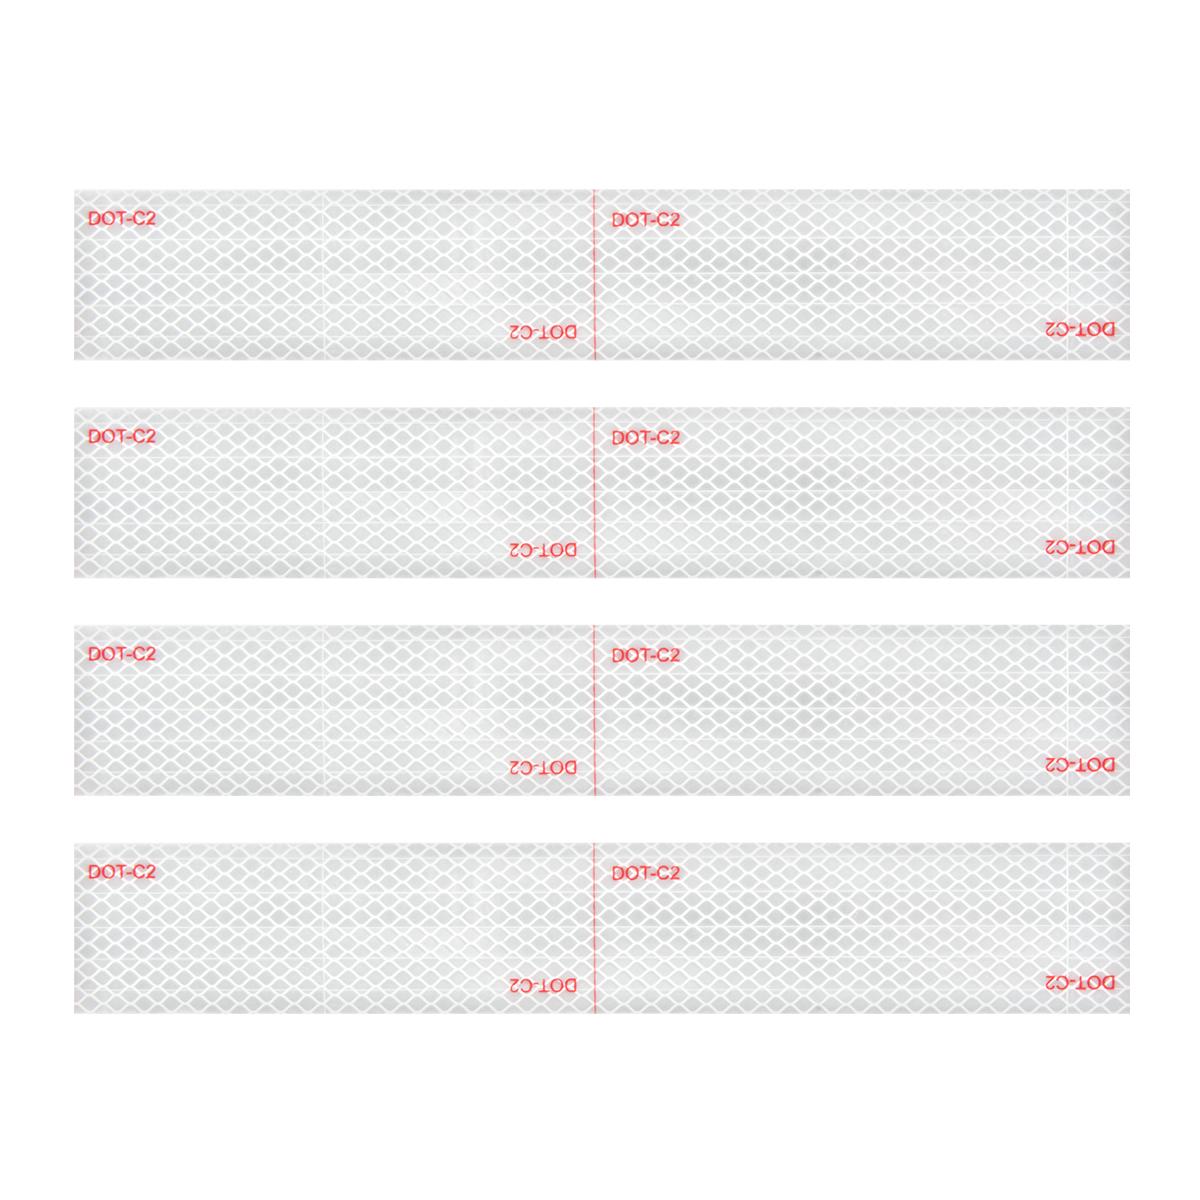 """92294 Premium Hi Viz DOT-C2 Conspicuity Tape in White 18"""" Strips"""